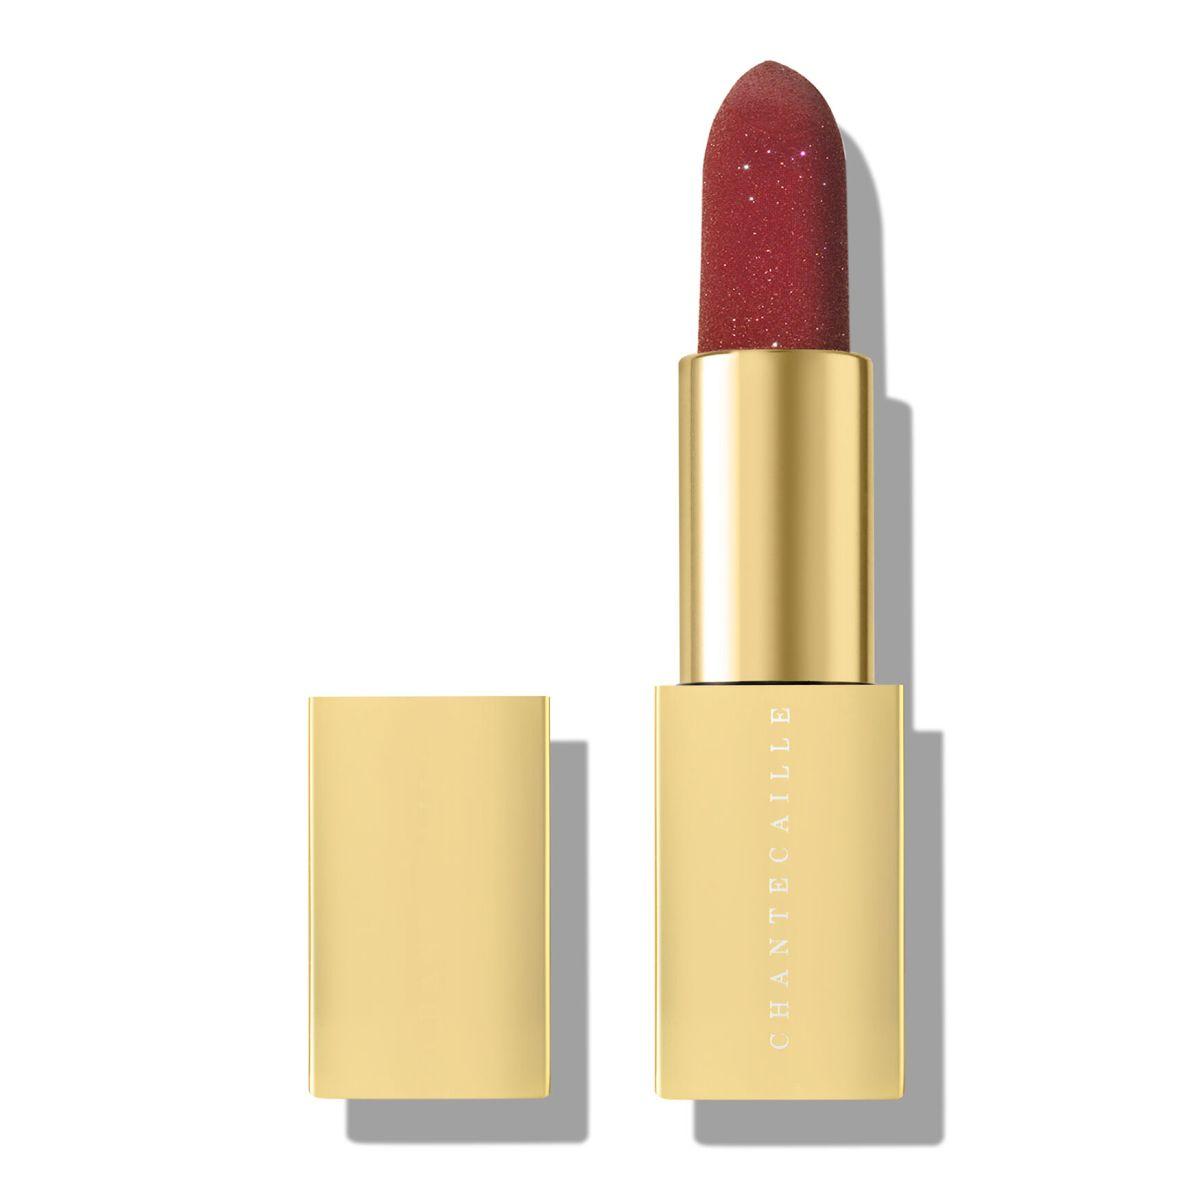 Lip Cristal, CARNELIAN, large